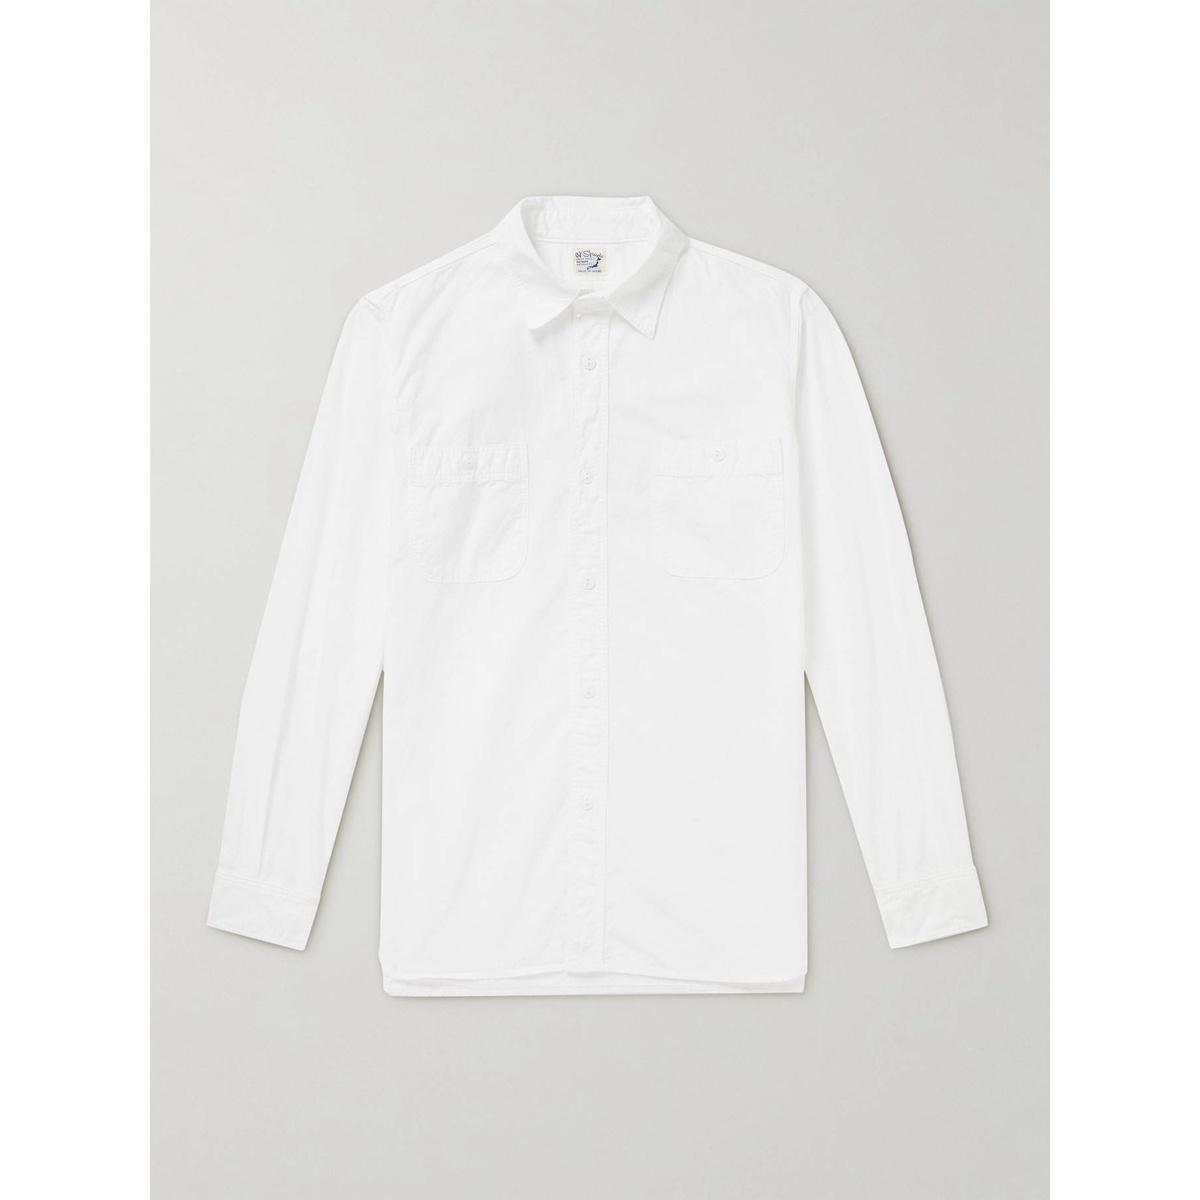 Мужские рубашки Артикул 655777655258